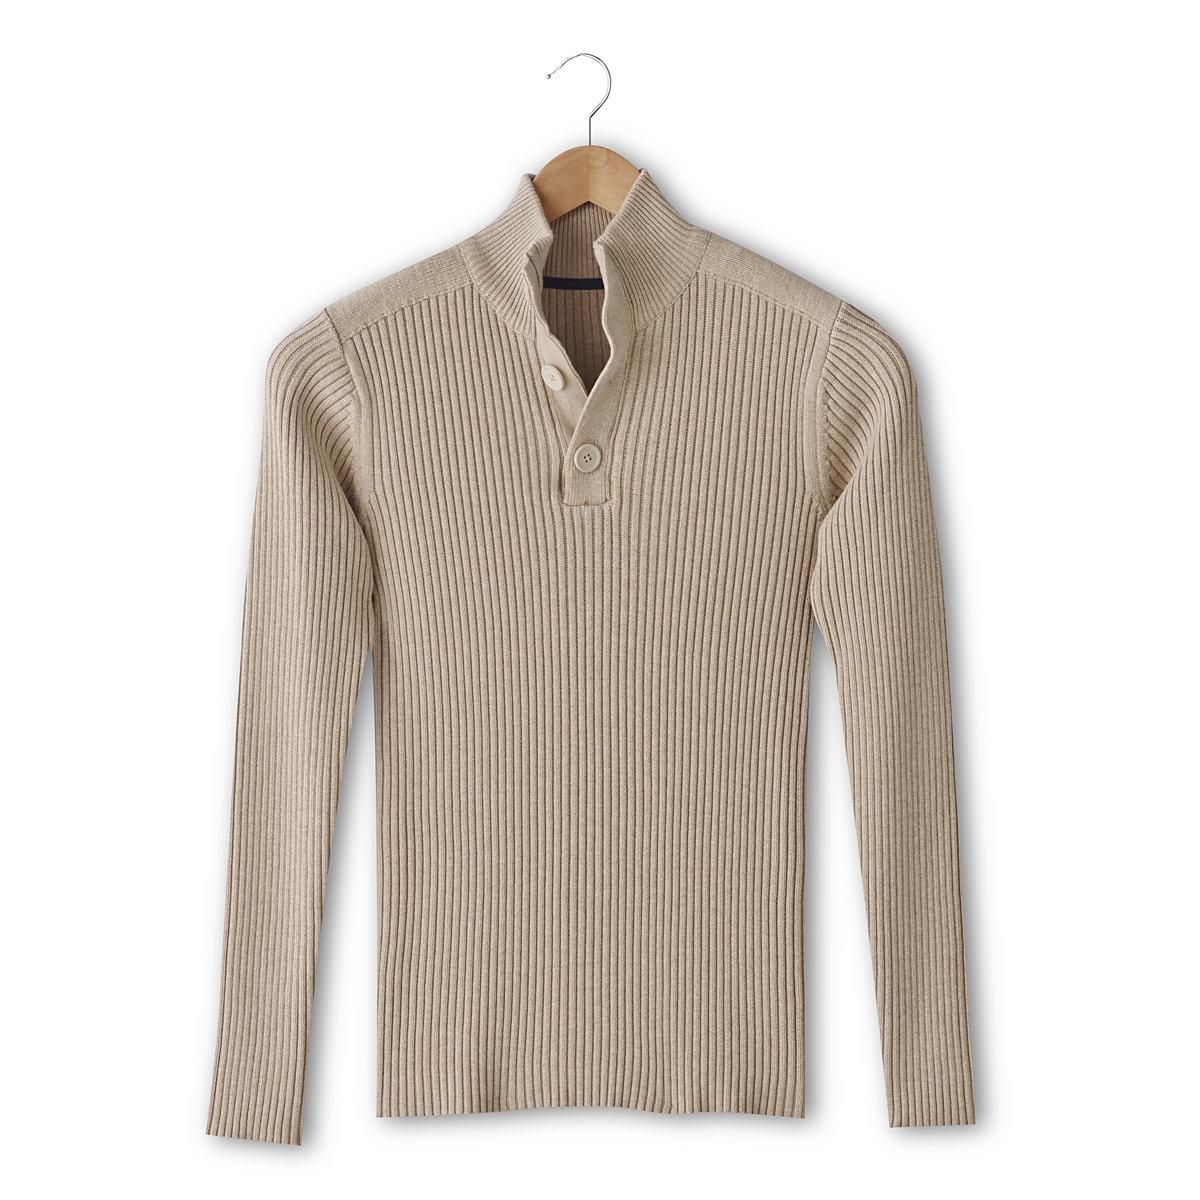 Пуловер c высокм воротником и застежкой на пуговицы, 100% хлопок от La Redoute Collections